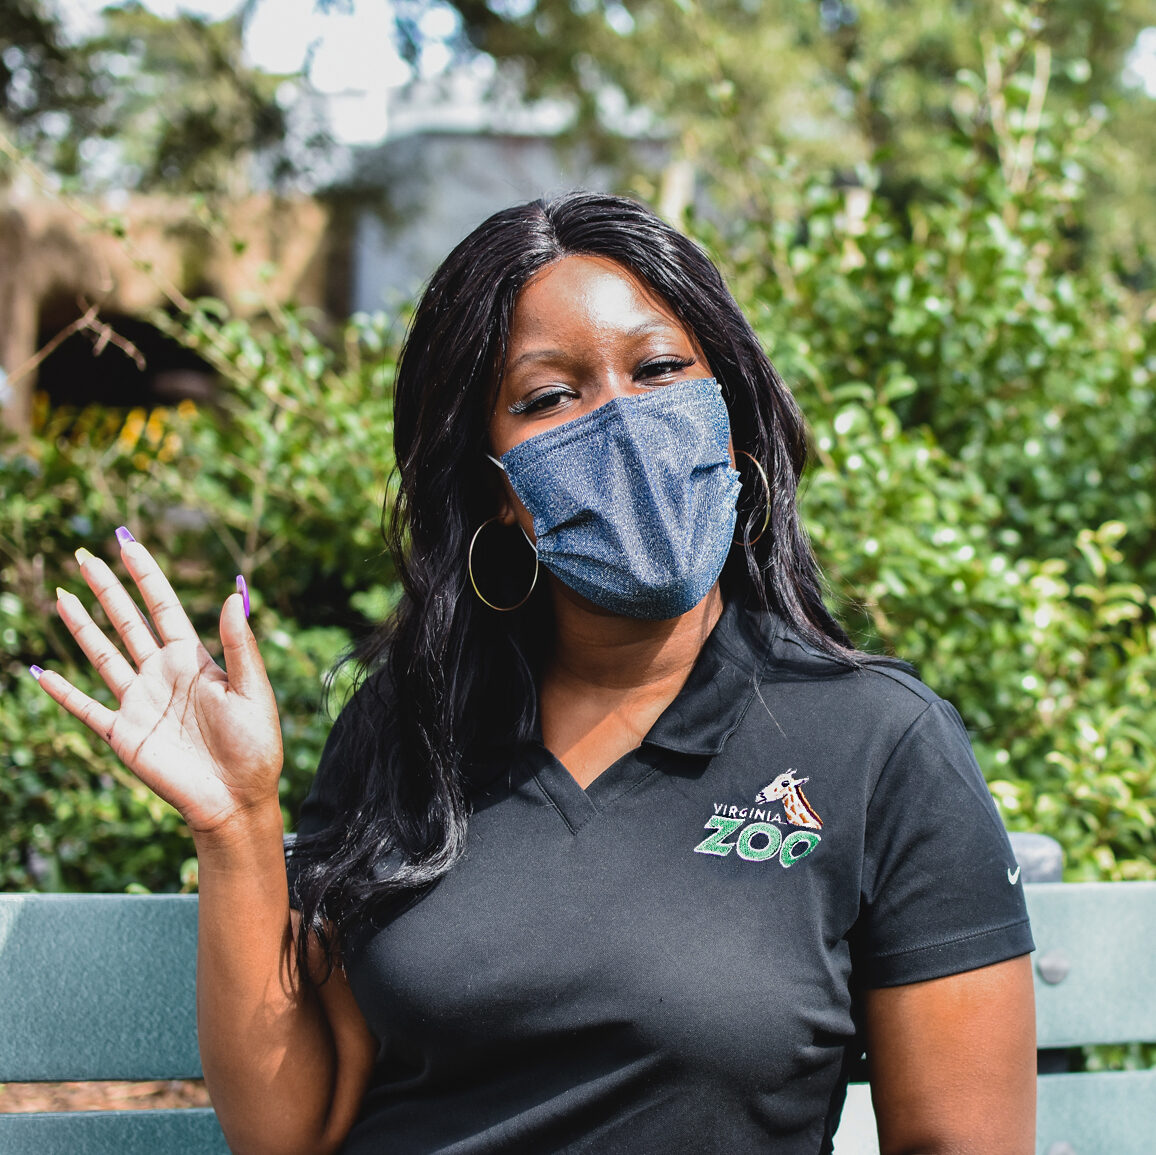 zoo employee waving